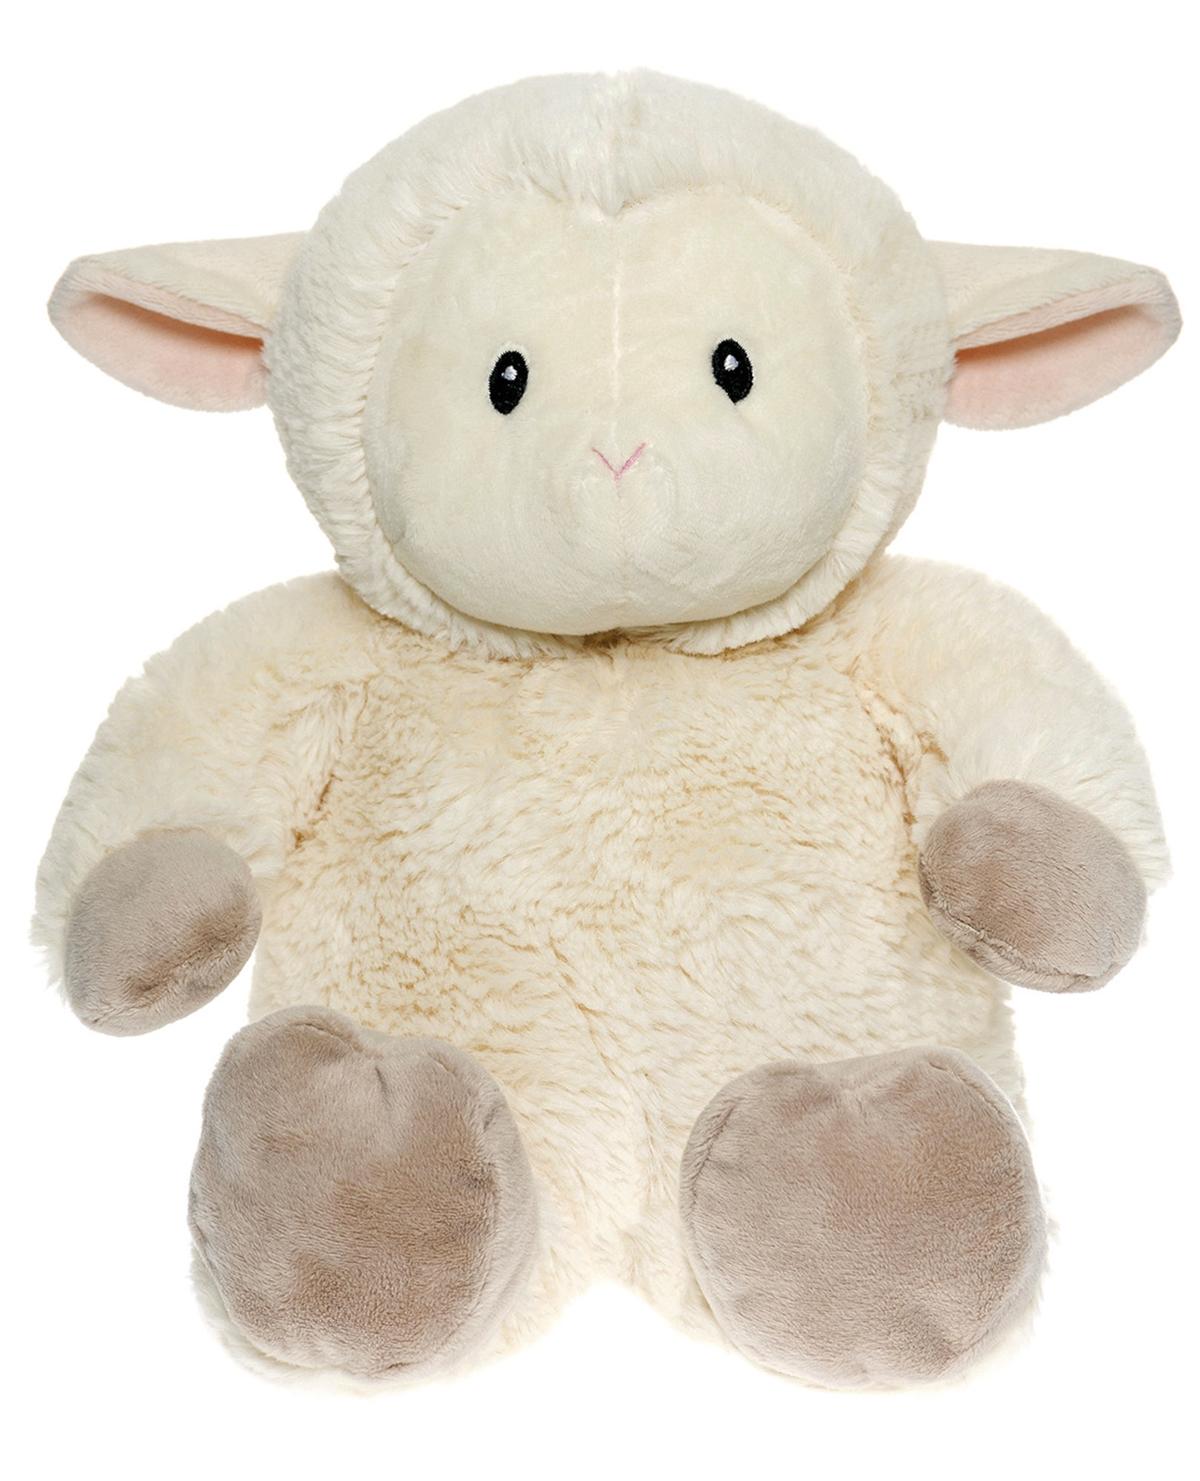 Teddy Heaters Lamm, 35cm (Tvättbar värmenalle) - Teddykompaniet